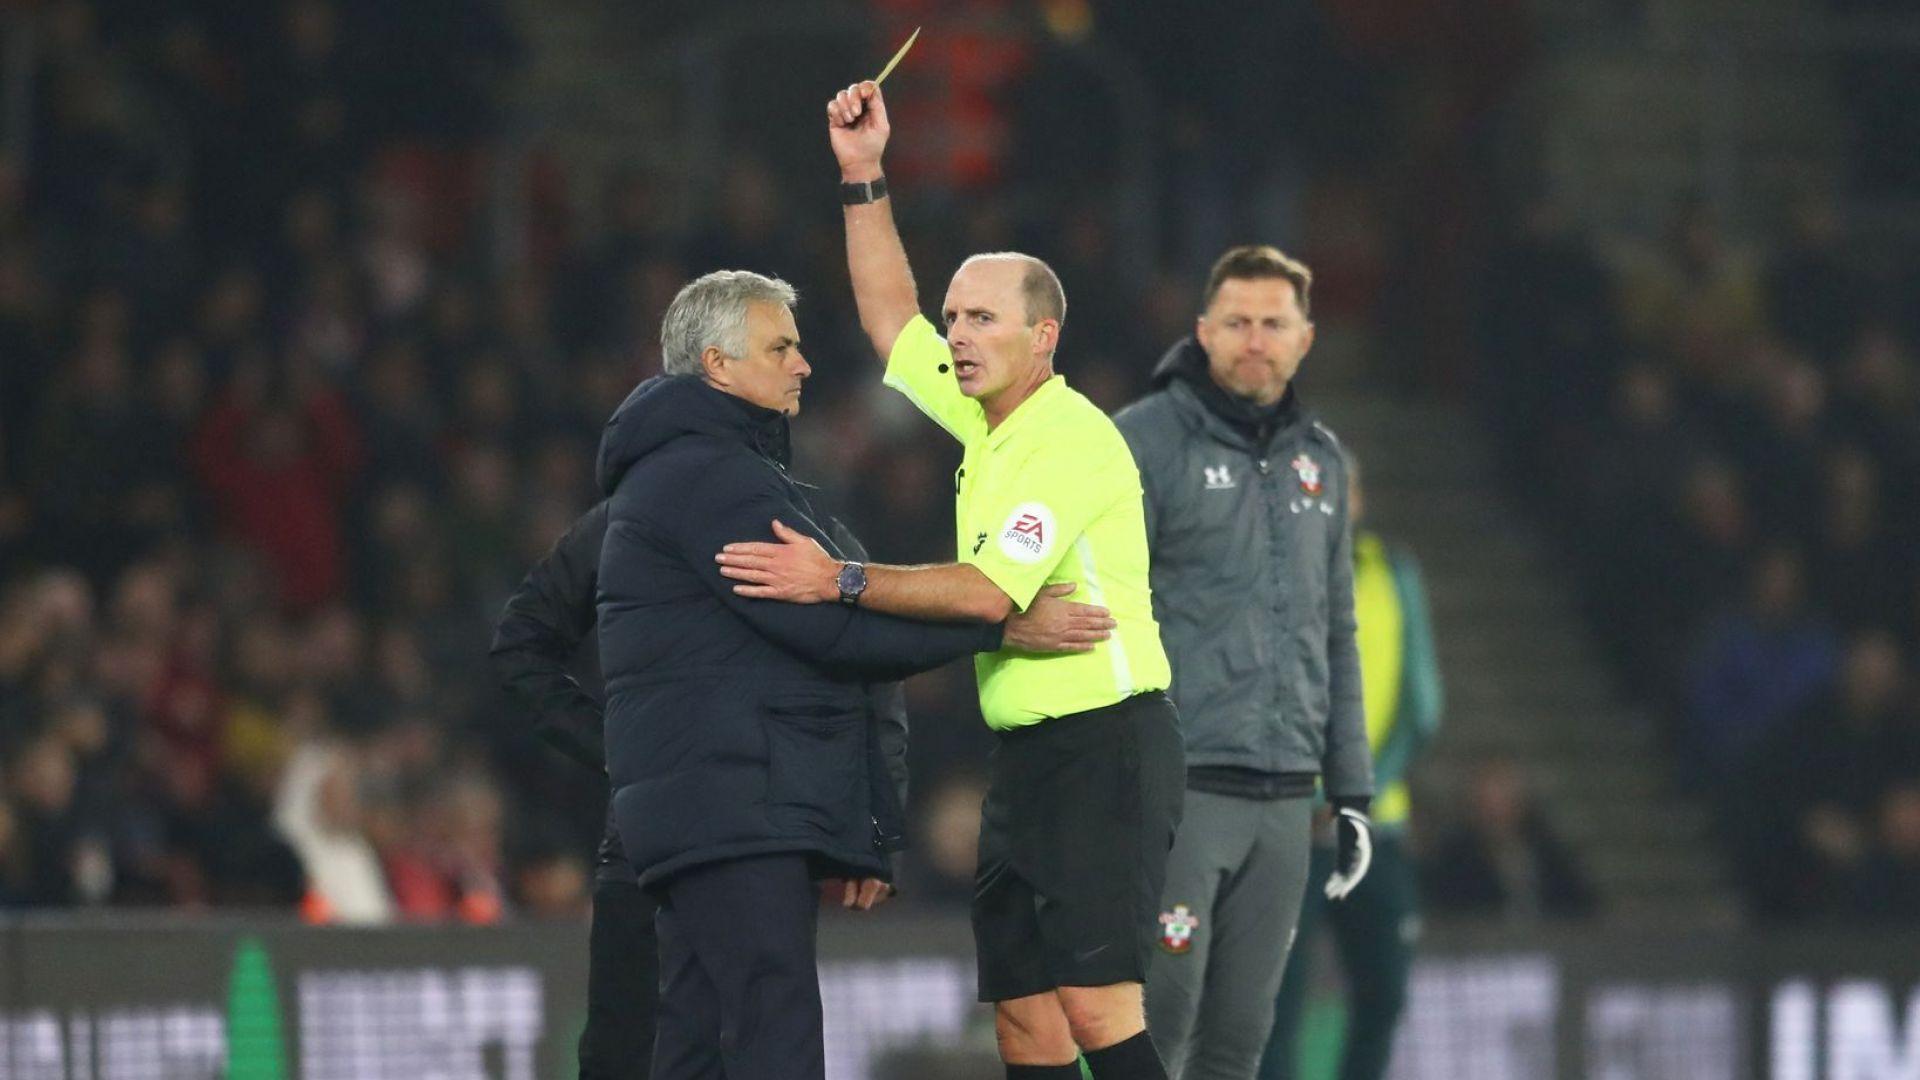 Моуриньо обърна гръб на Юнайтед в идеалните си 11